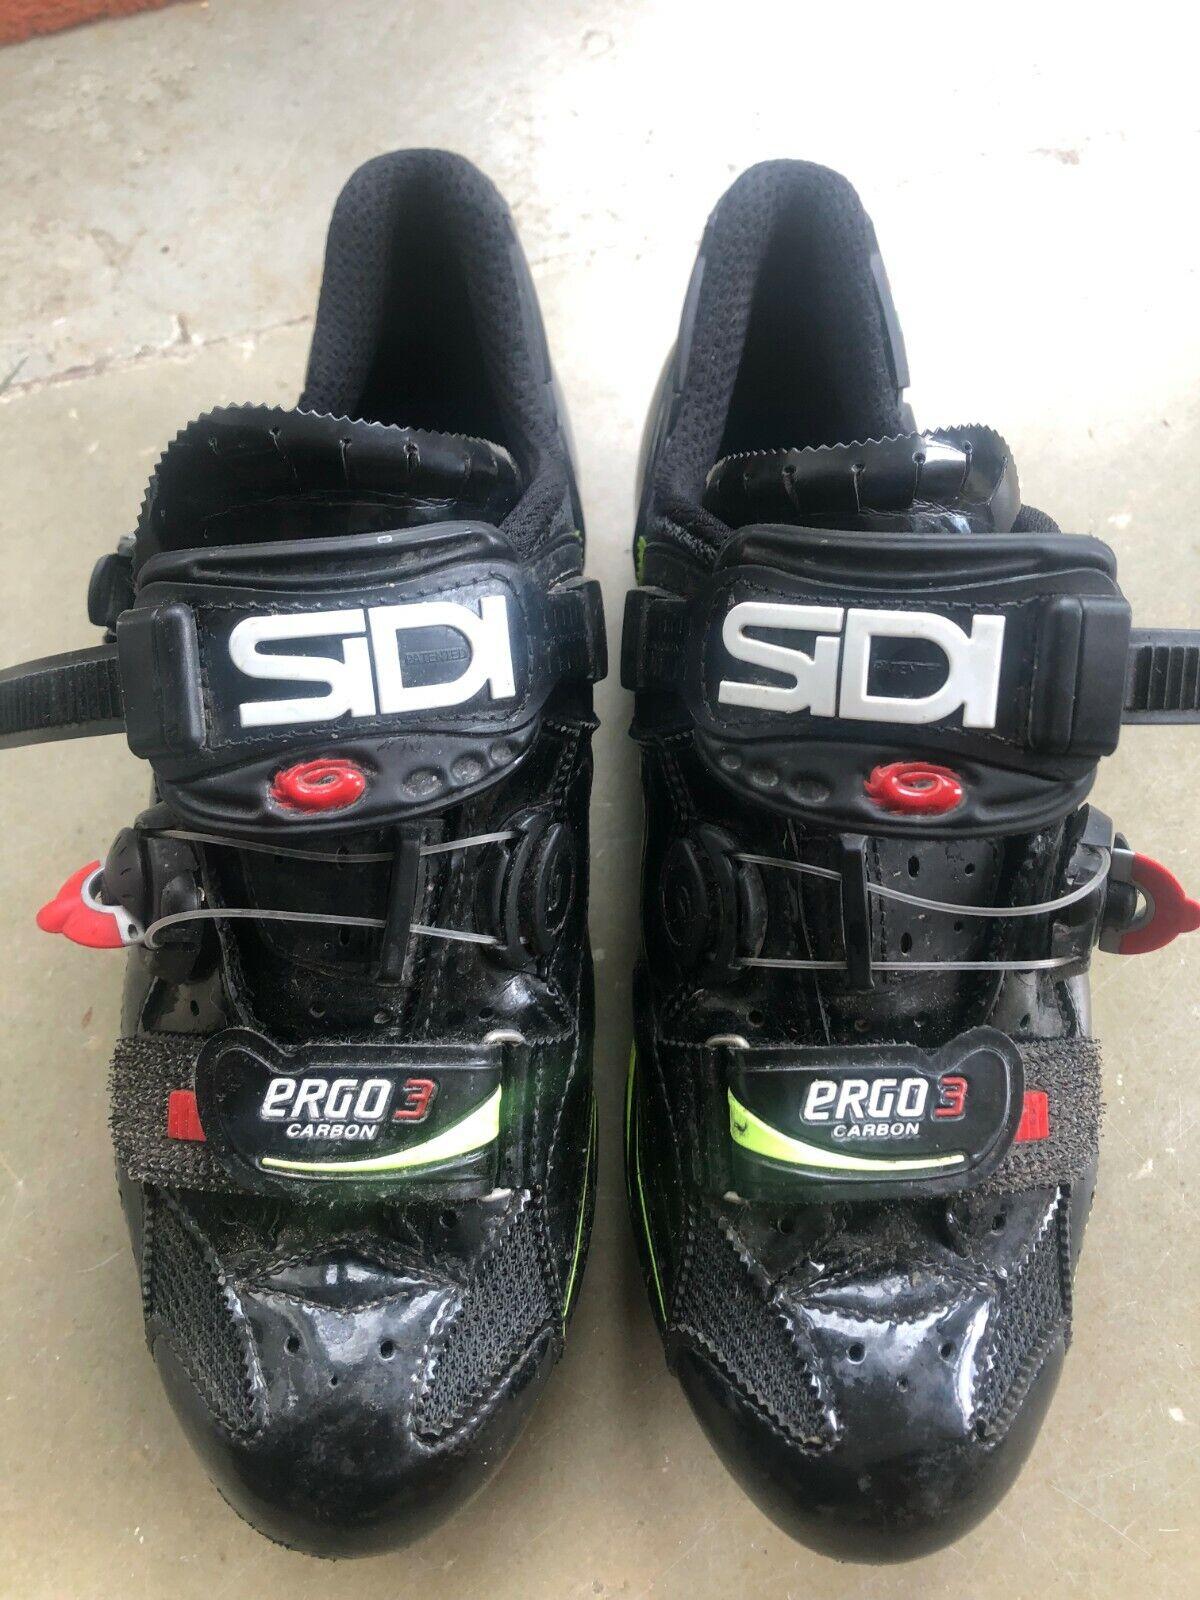 Sidi ergo 3 carbon biking scarpe, cycling, pro as good as new Dimensione 41